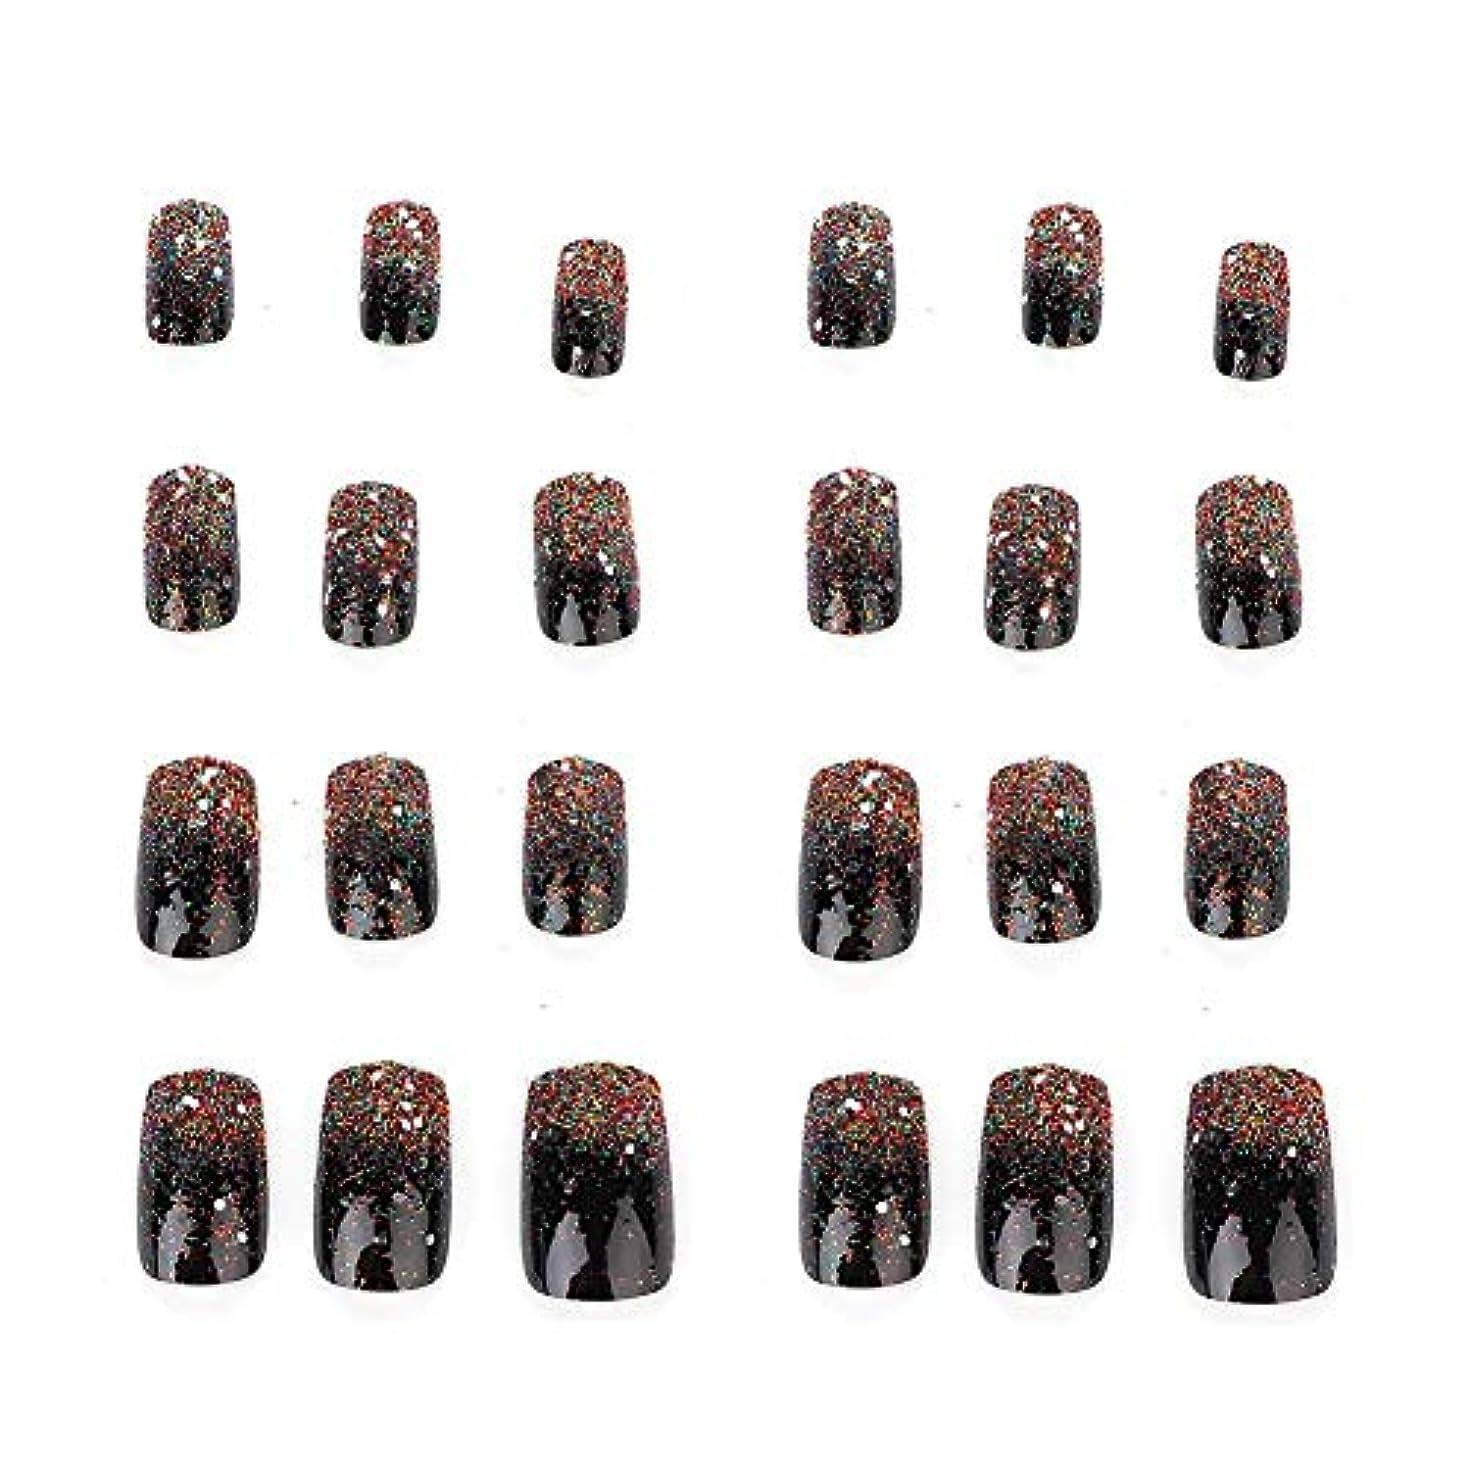 ガウンマーケティングショートカット5種類の取り外し可能なフルカバー偽爪のヒント人工手マニキュア装飾(03)